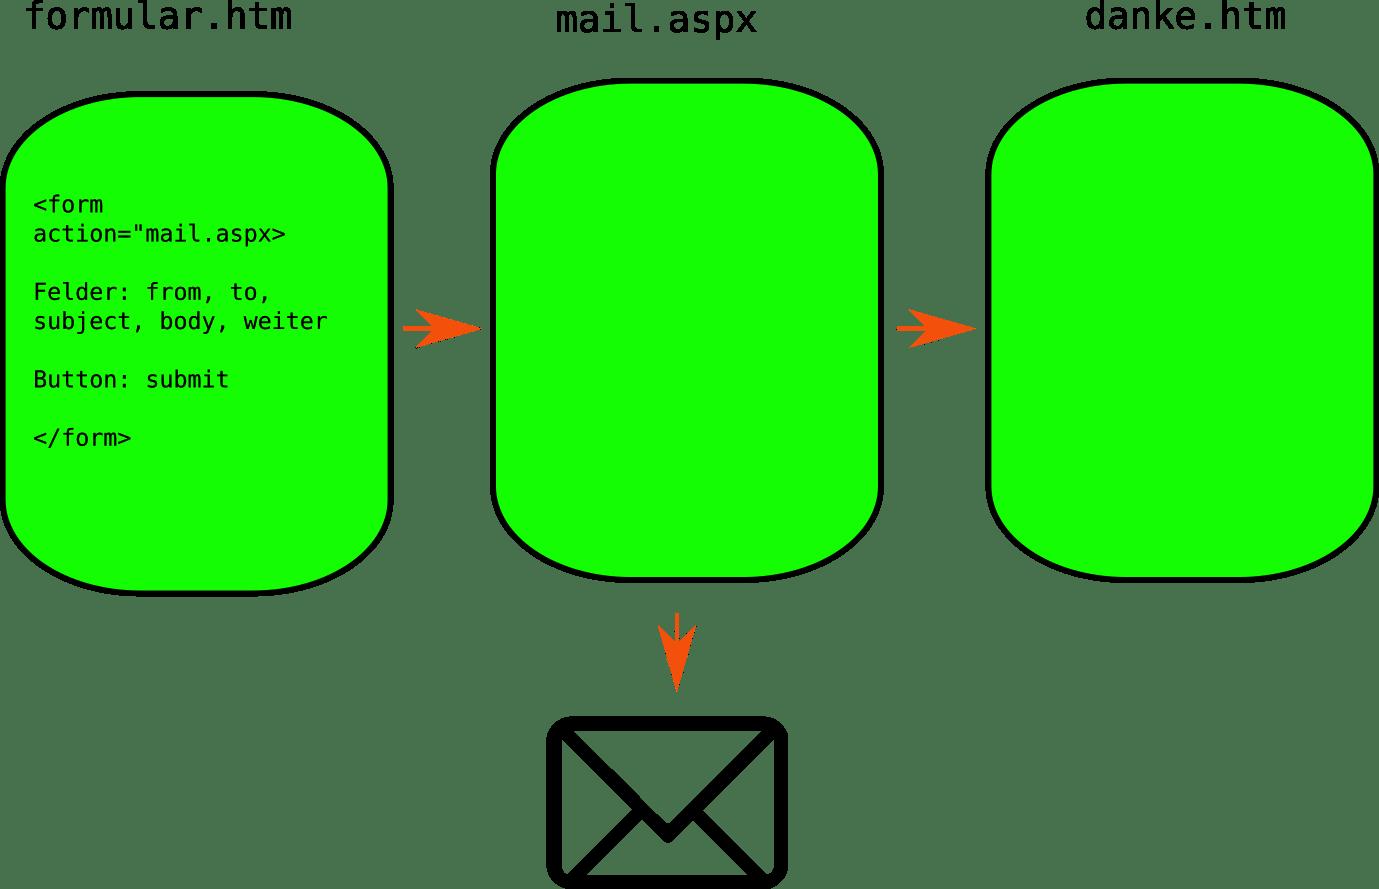 Klassisches Mailformular